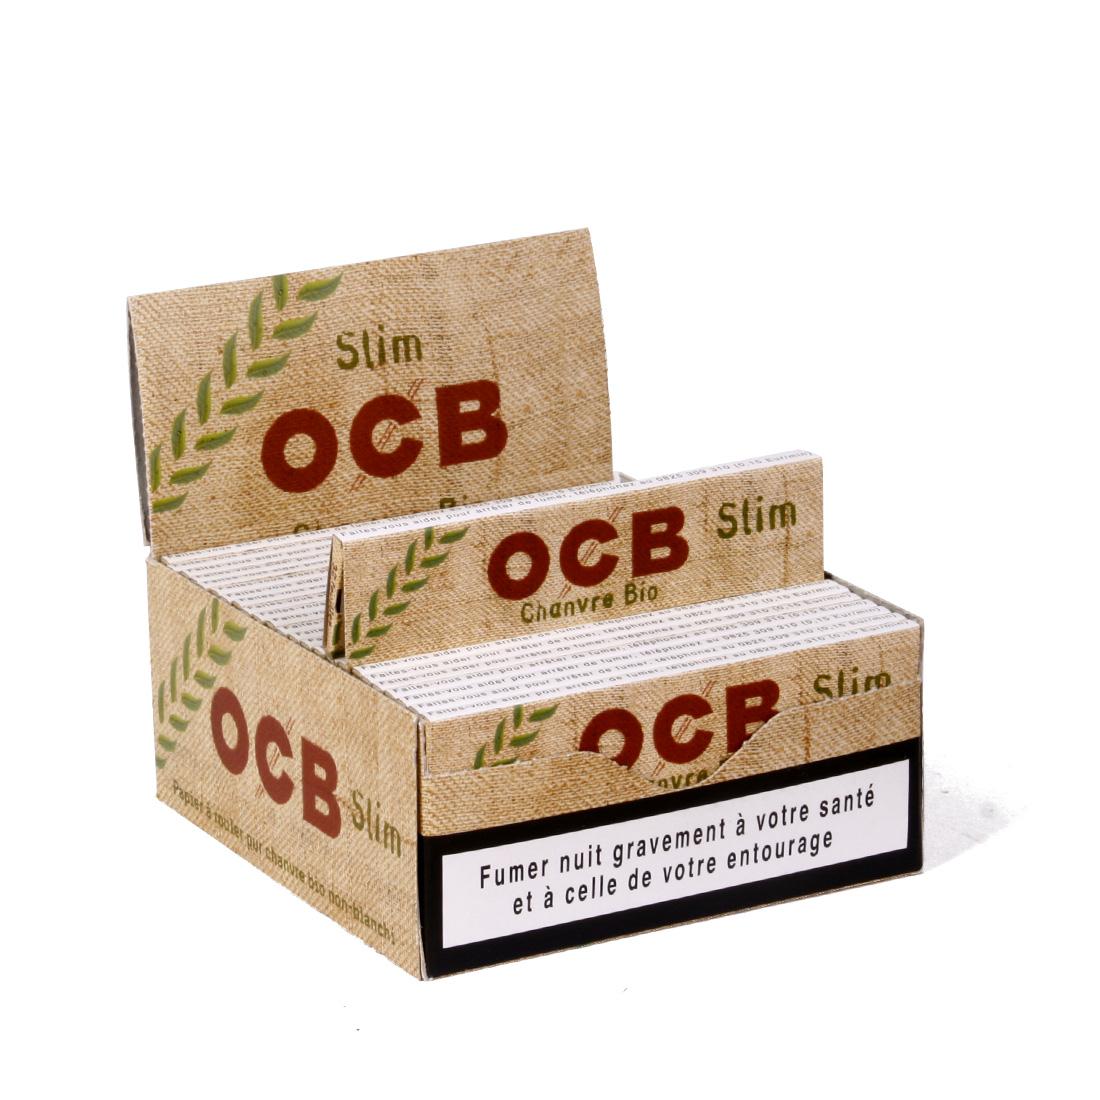 lot de carnets ocb